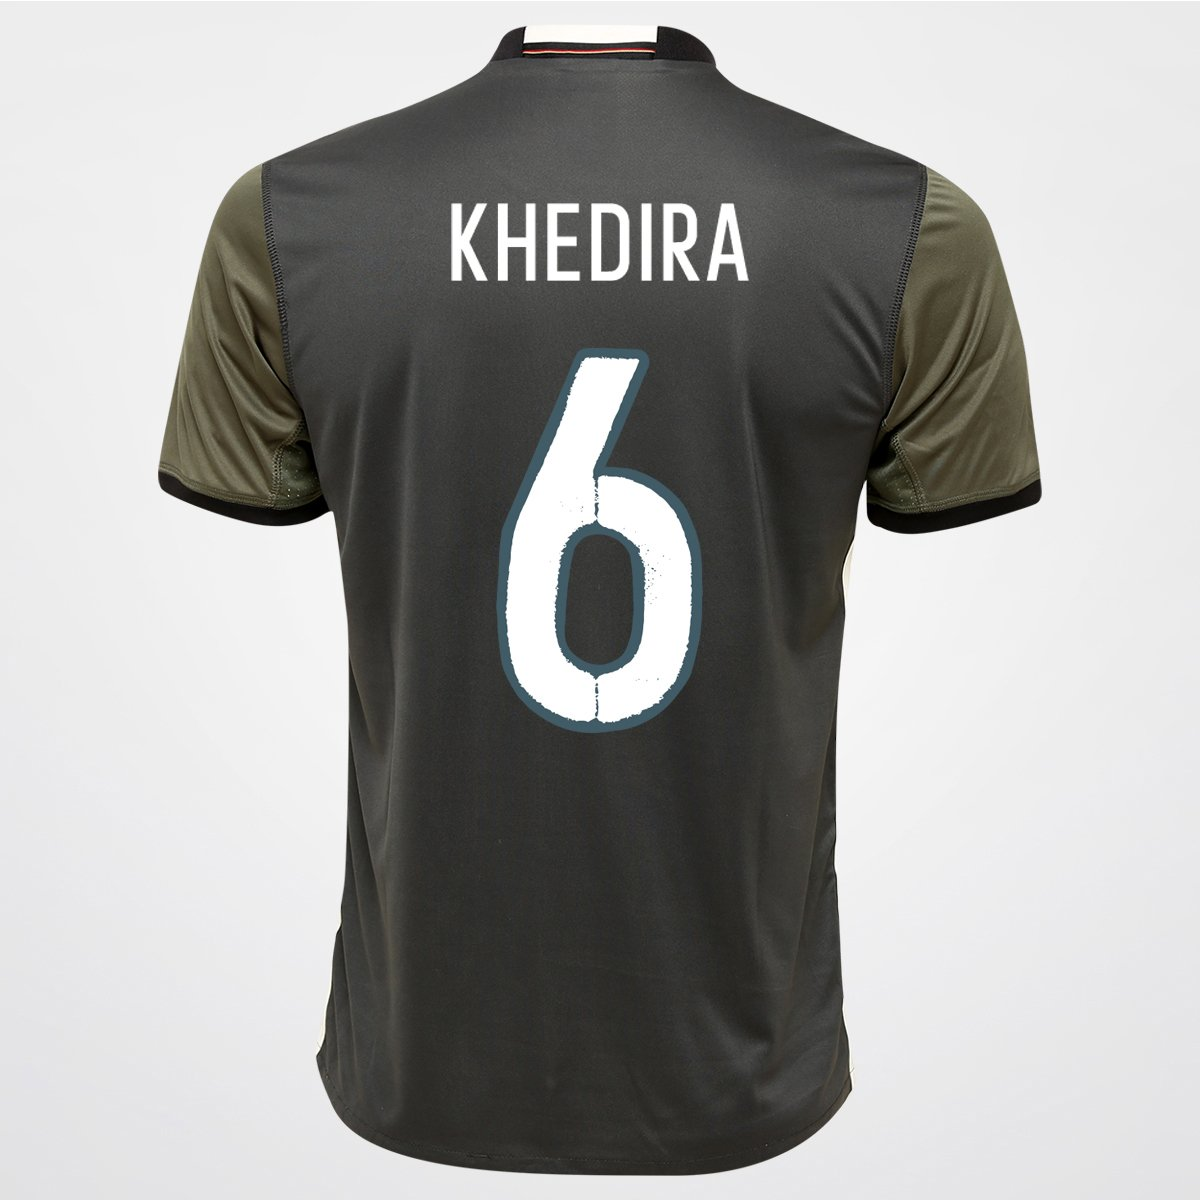 Camisa Adidas Seleção Alemanha Away 2016 nº 6 - Khedira - Compre Agora  b9b085748af3e